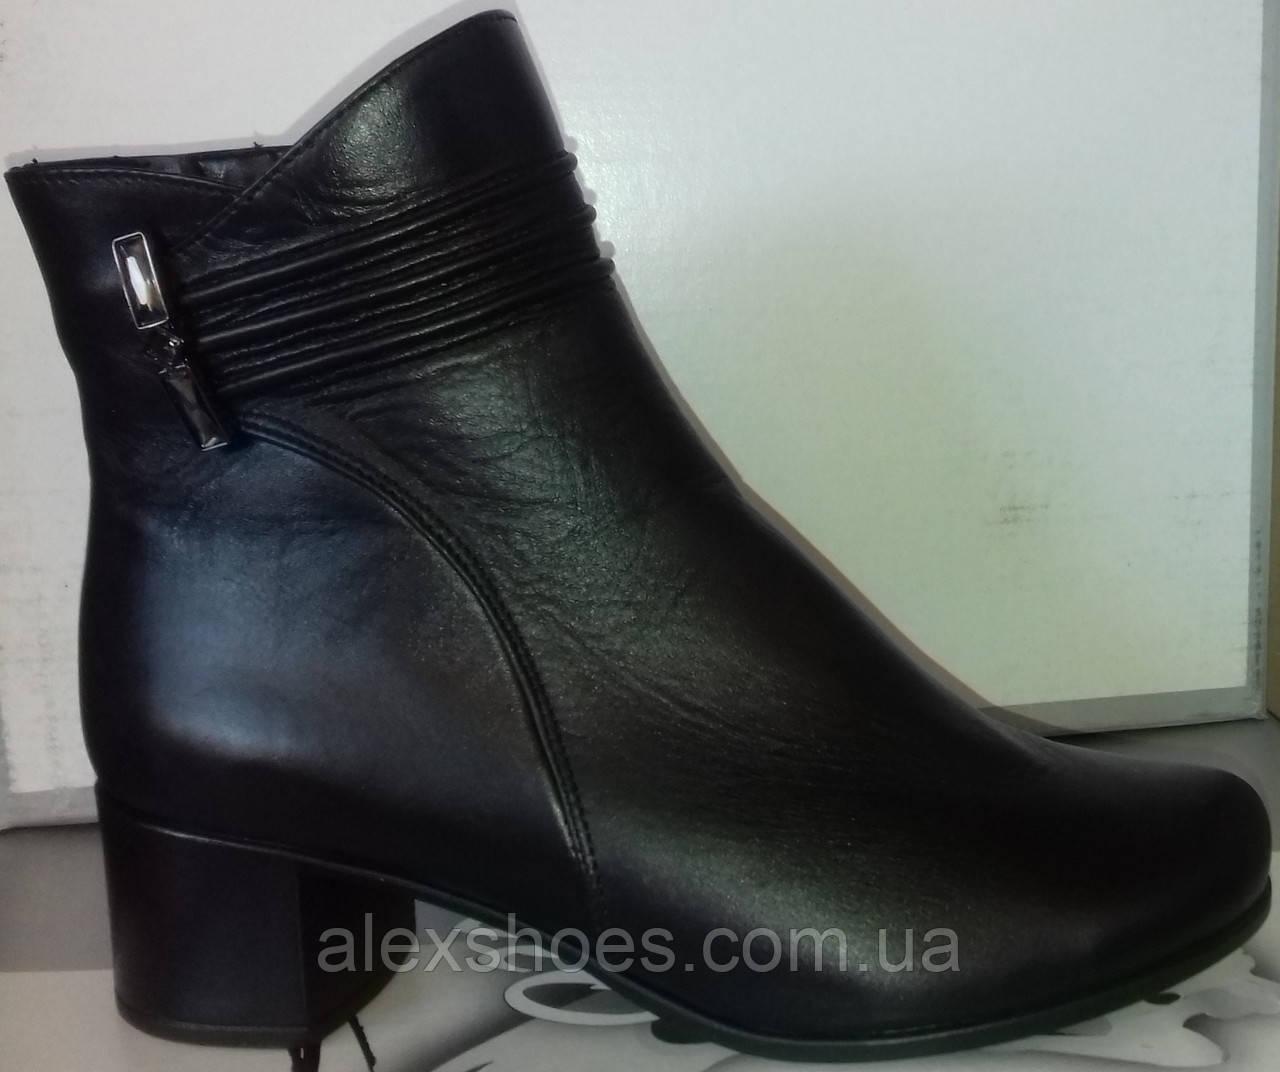 Ботинки демисезонные на устойчивом каблуке из натуральной кожи от производителя модель СВ225-1